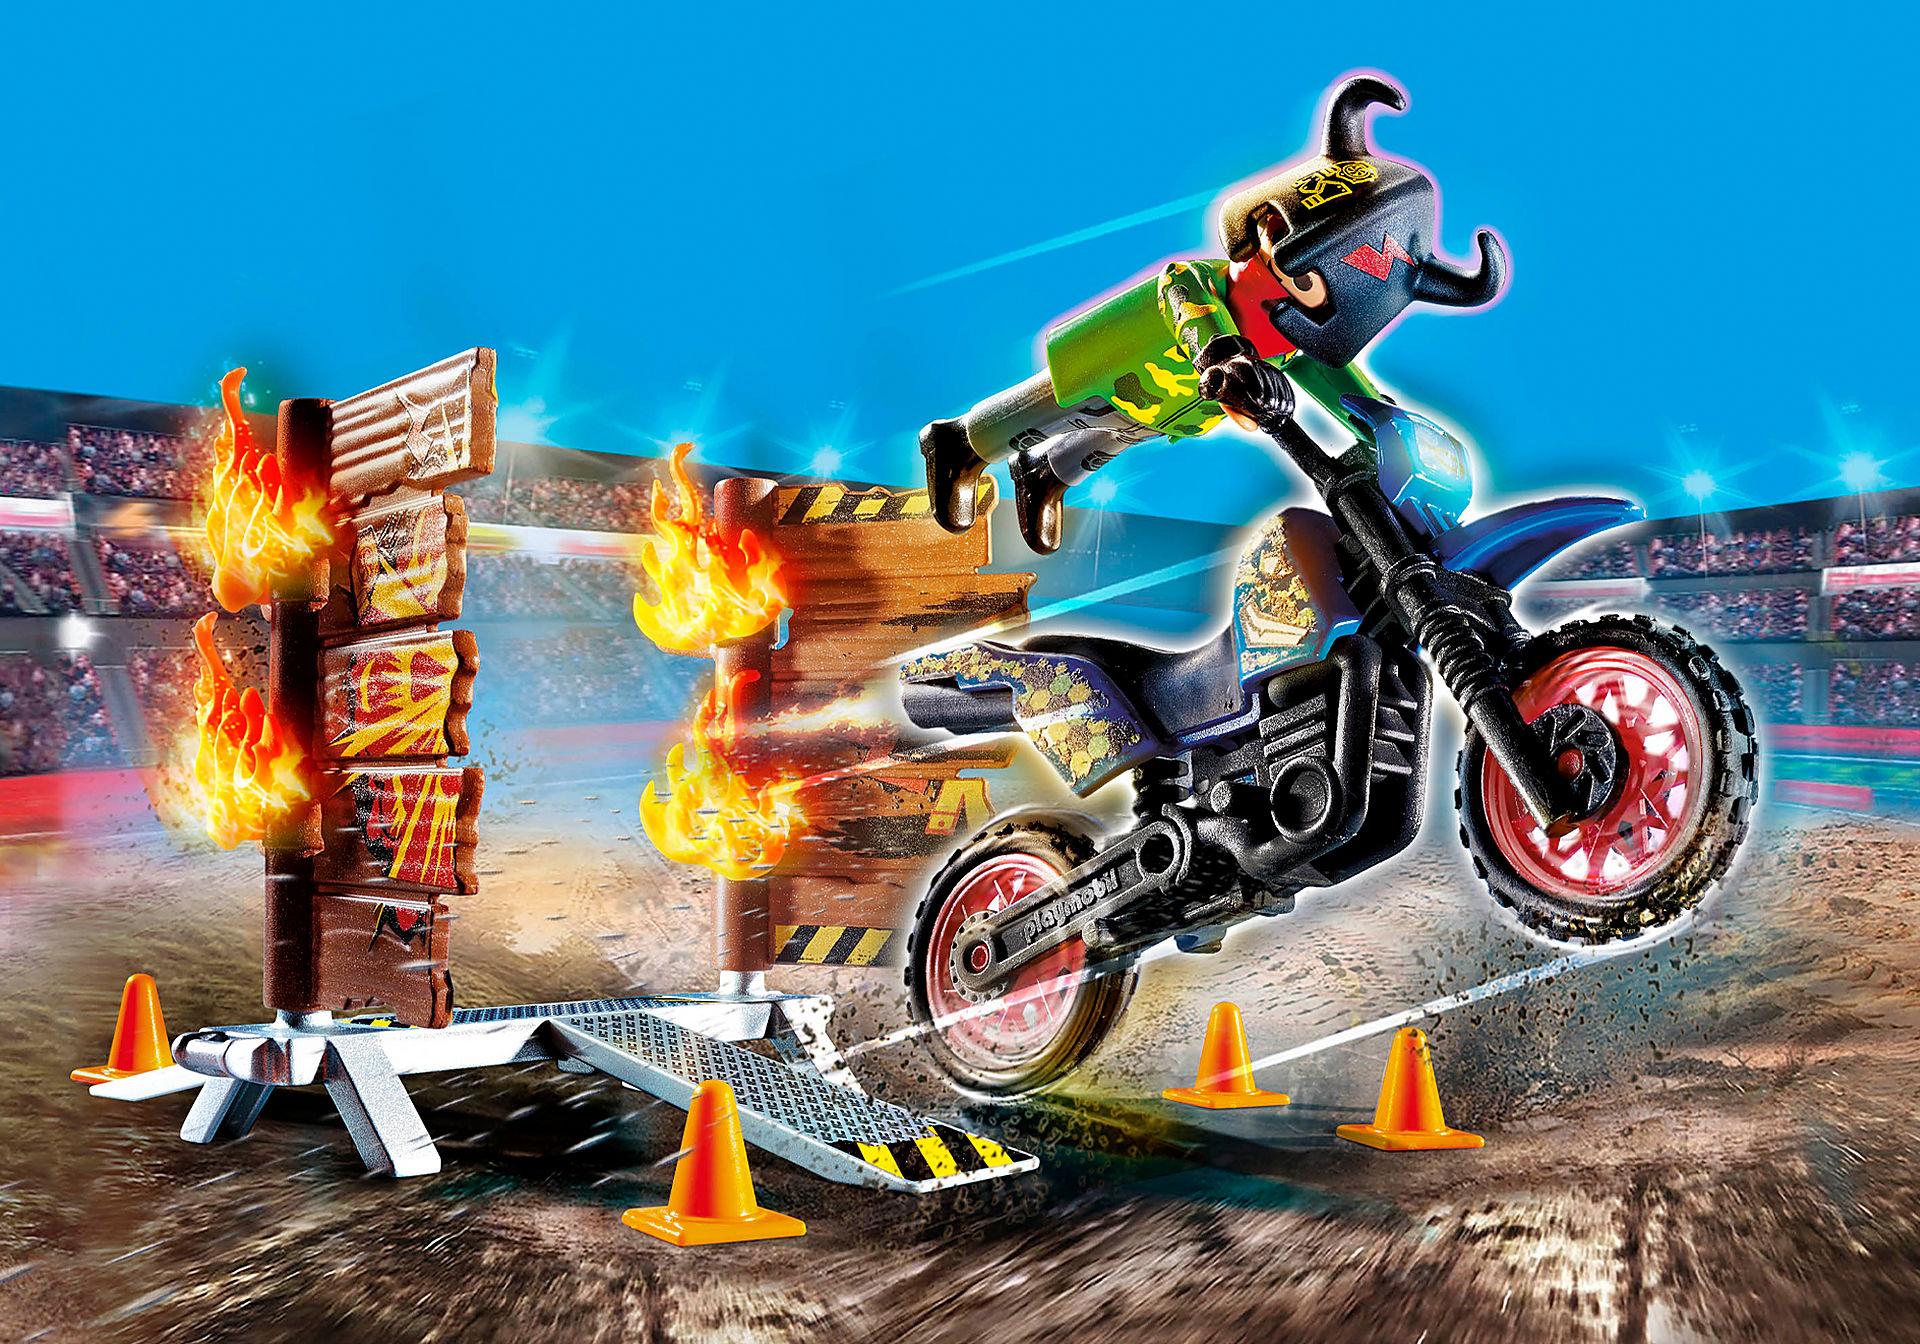 70553 Stuntshow Moto com parede de fogo zoom image1